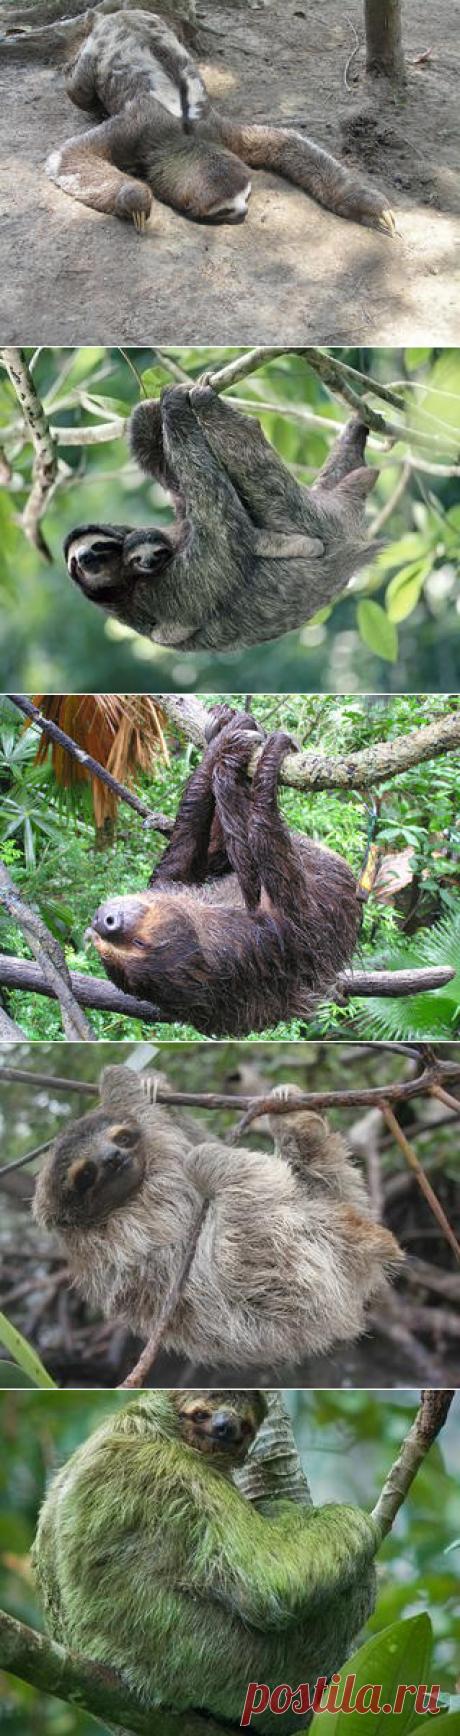 Смотреть изображения ленивцев | Зооляндия